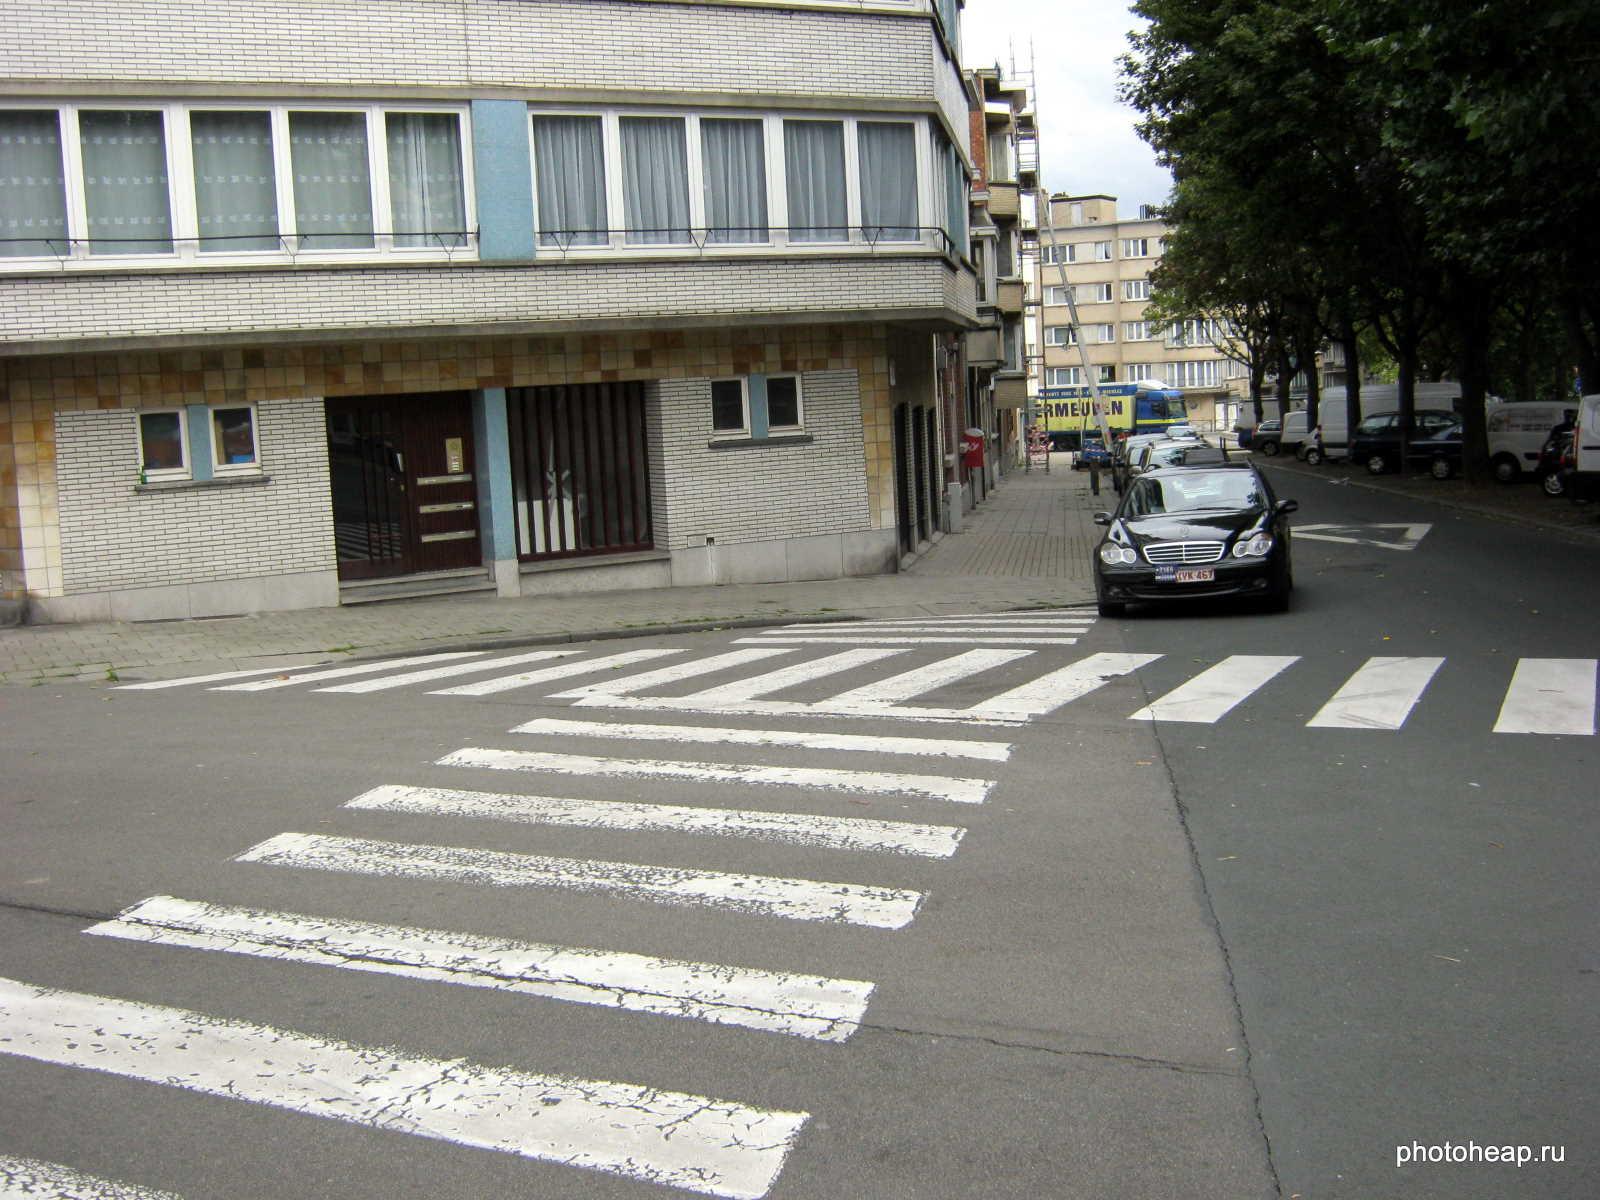 Brussels - Zebra crossing